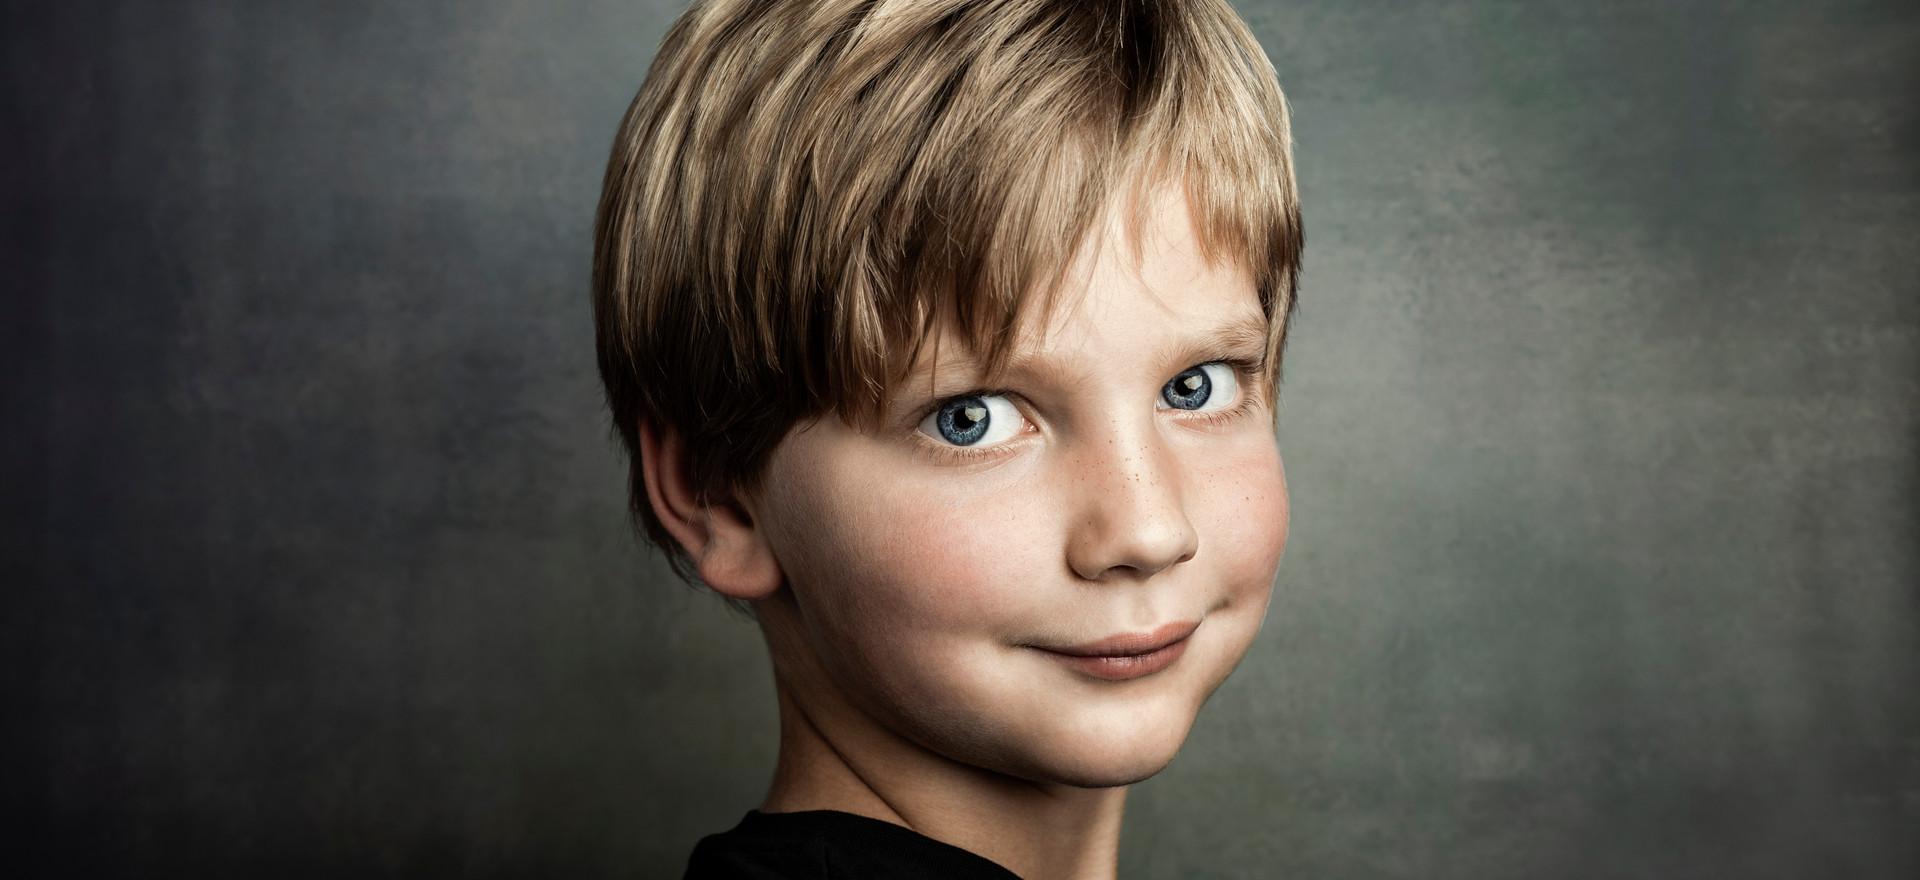 Levente Portrait Photography 47 Maxim 2.